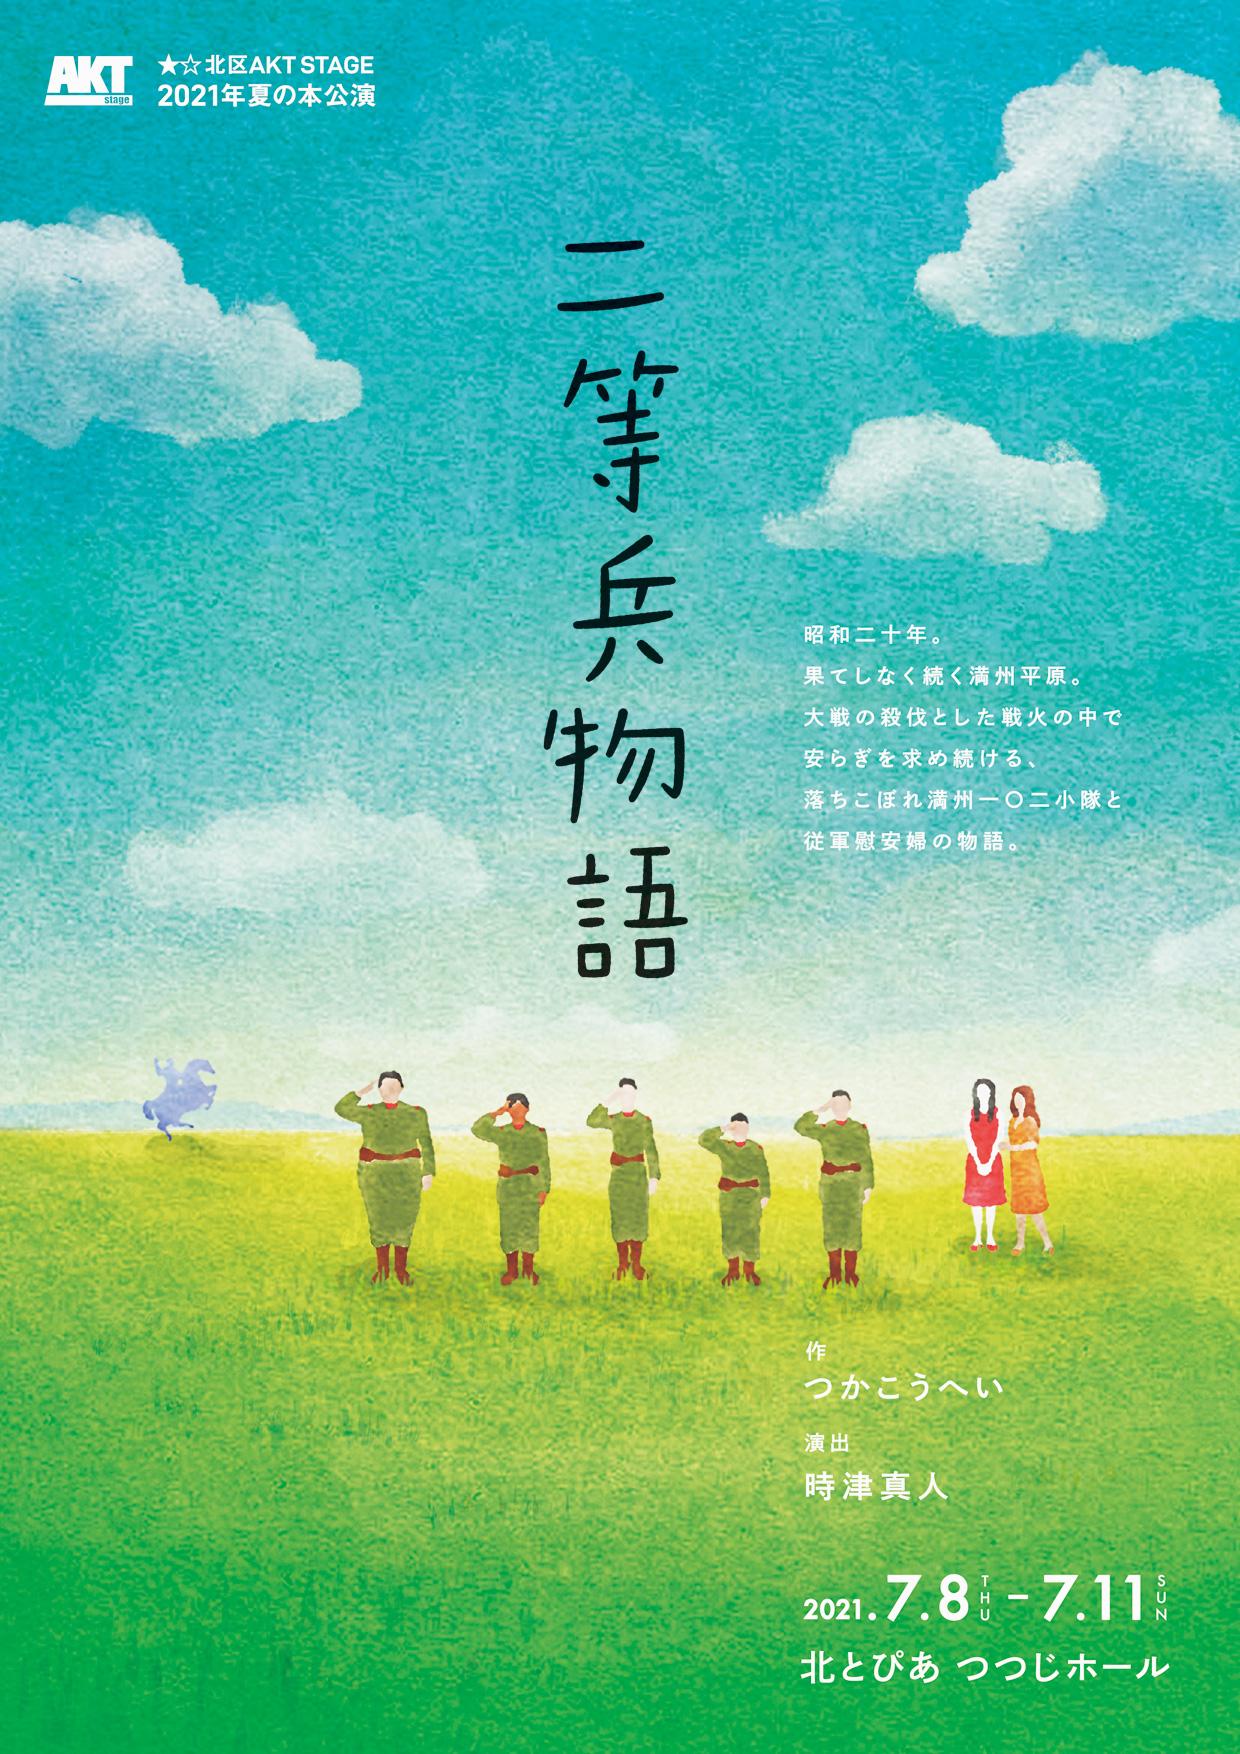 ★☆北区AKT STAGE 2021年夏の本公演 『二等兵物語』の画像